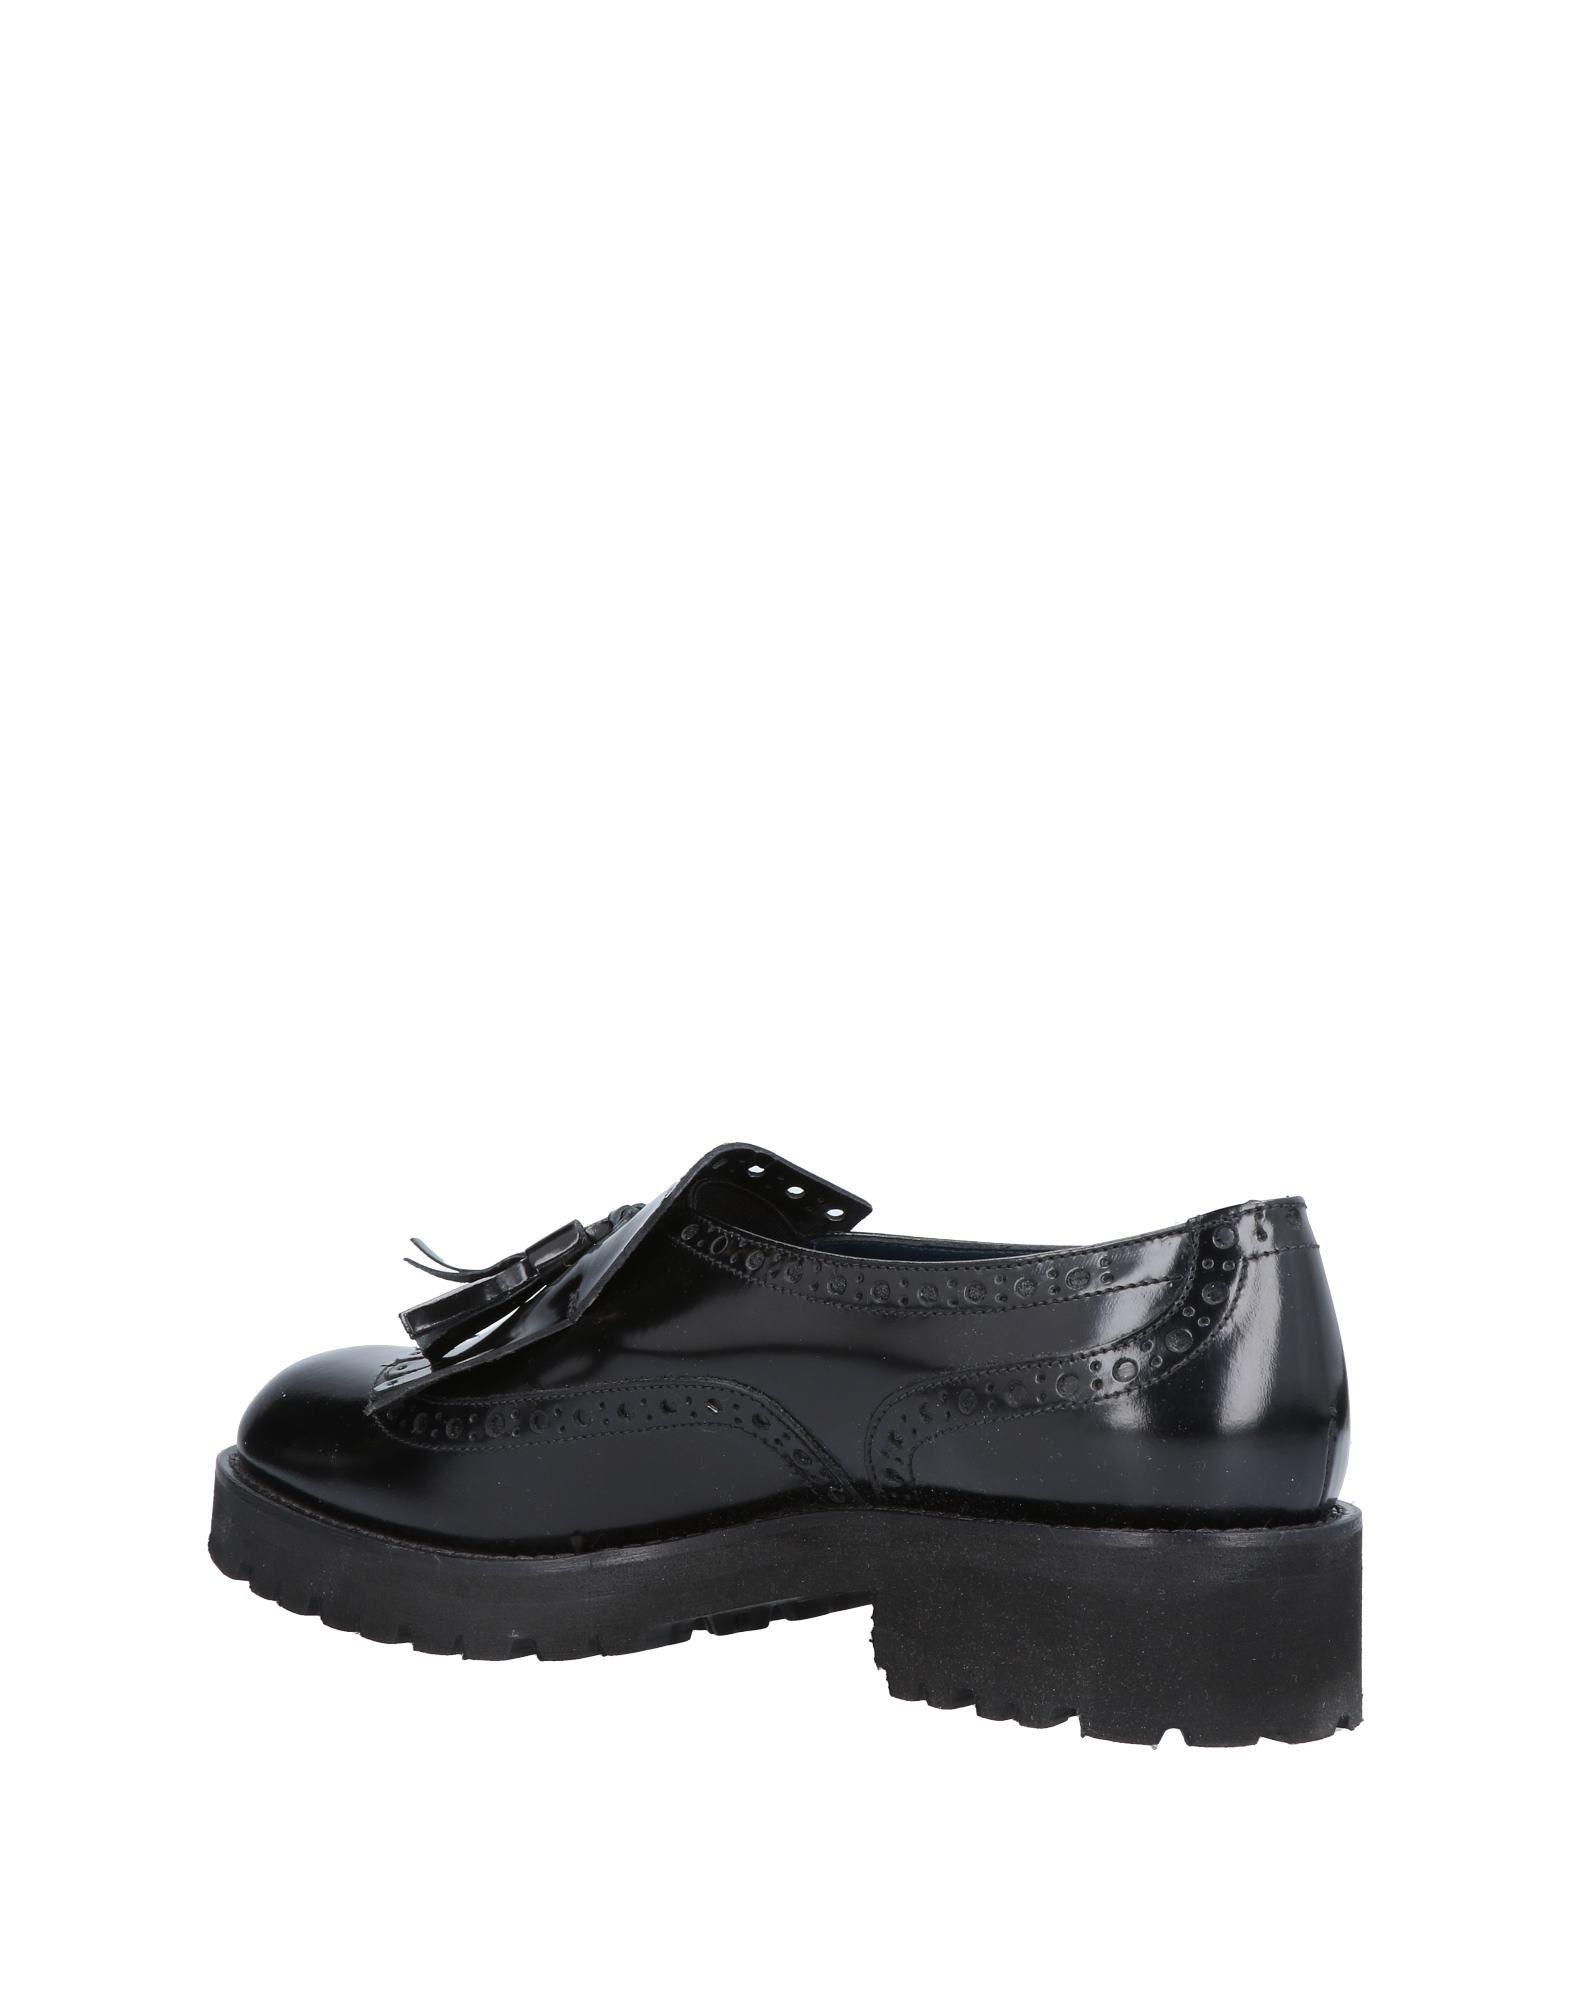 Cuoieria Mokassins Damen  11487163XM Schuhe Gute Qualität beliebte Schuhe 11487163XM 34f4b3